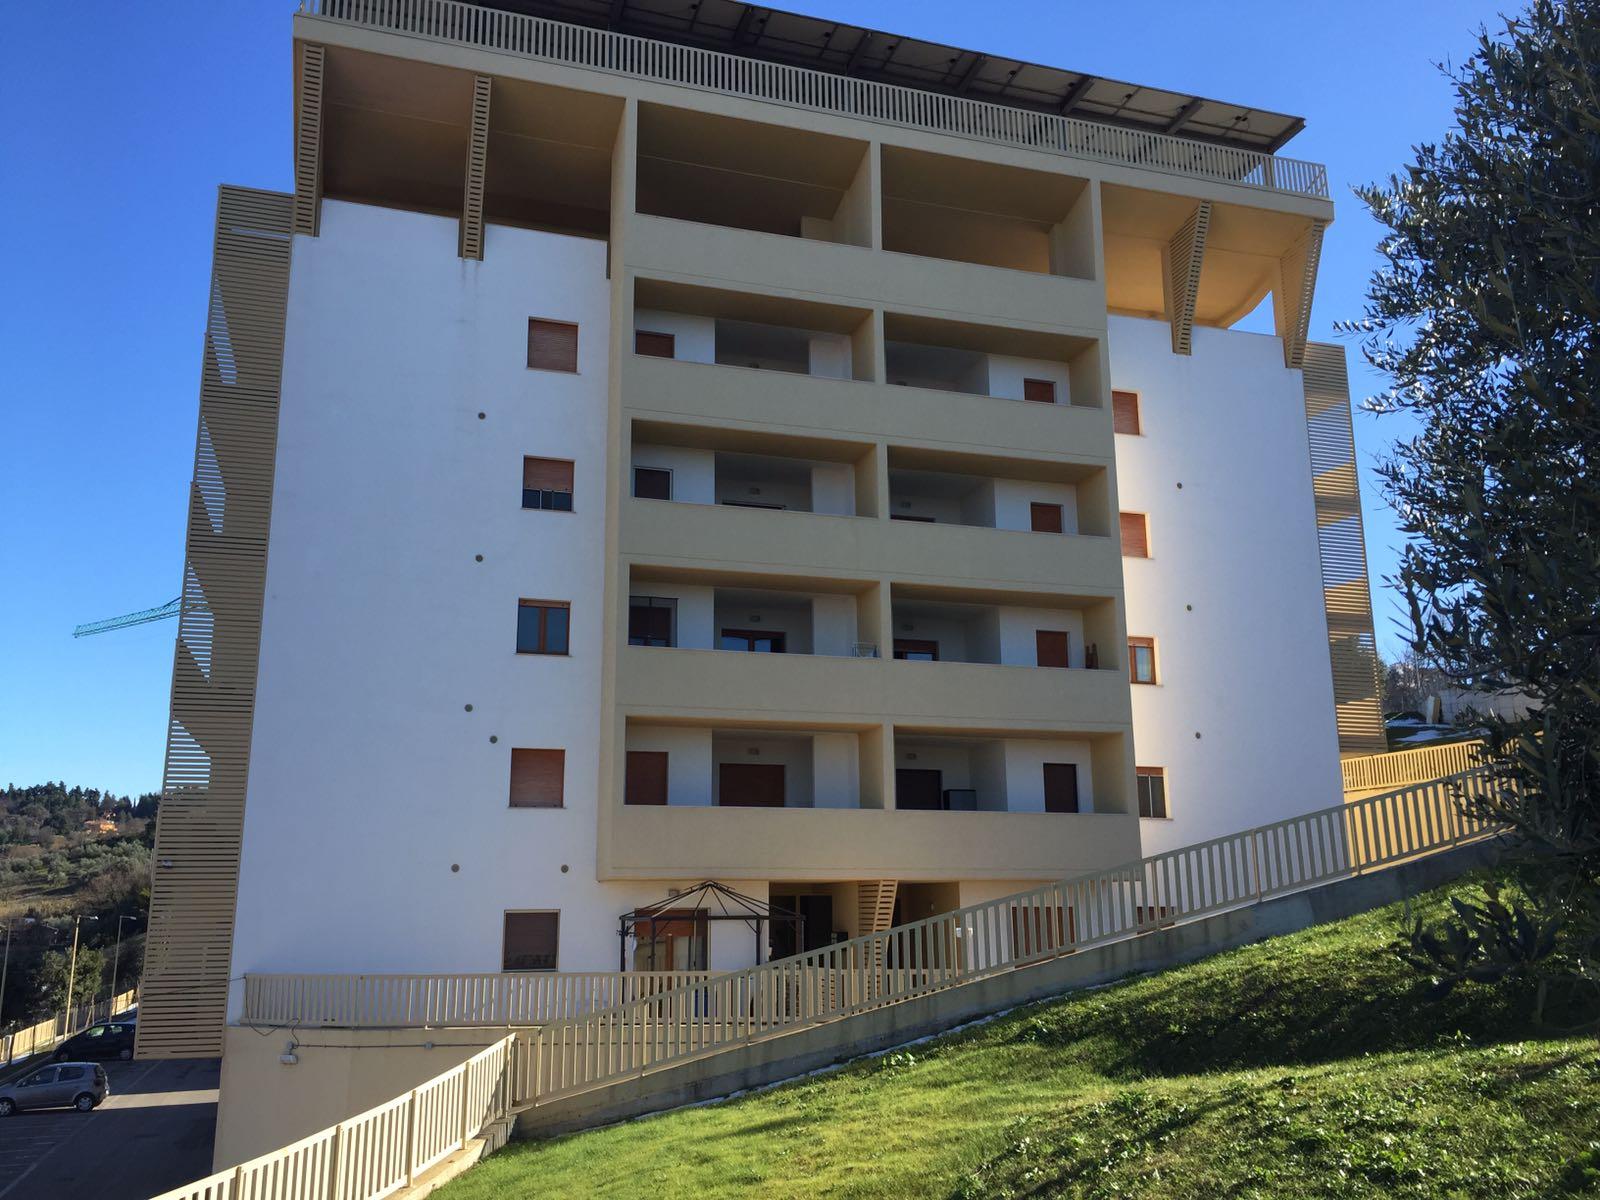 Appartamento in vendita a Chieti, 5 locali, zona Località: Scalo-Università, prezzo € 129.000 | Cambio Casa.it